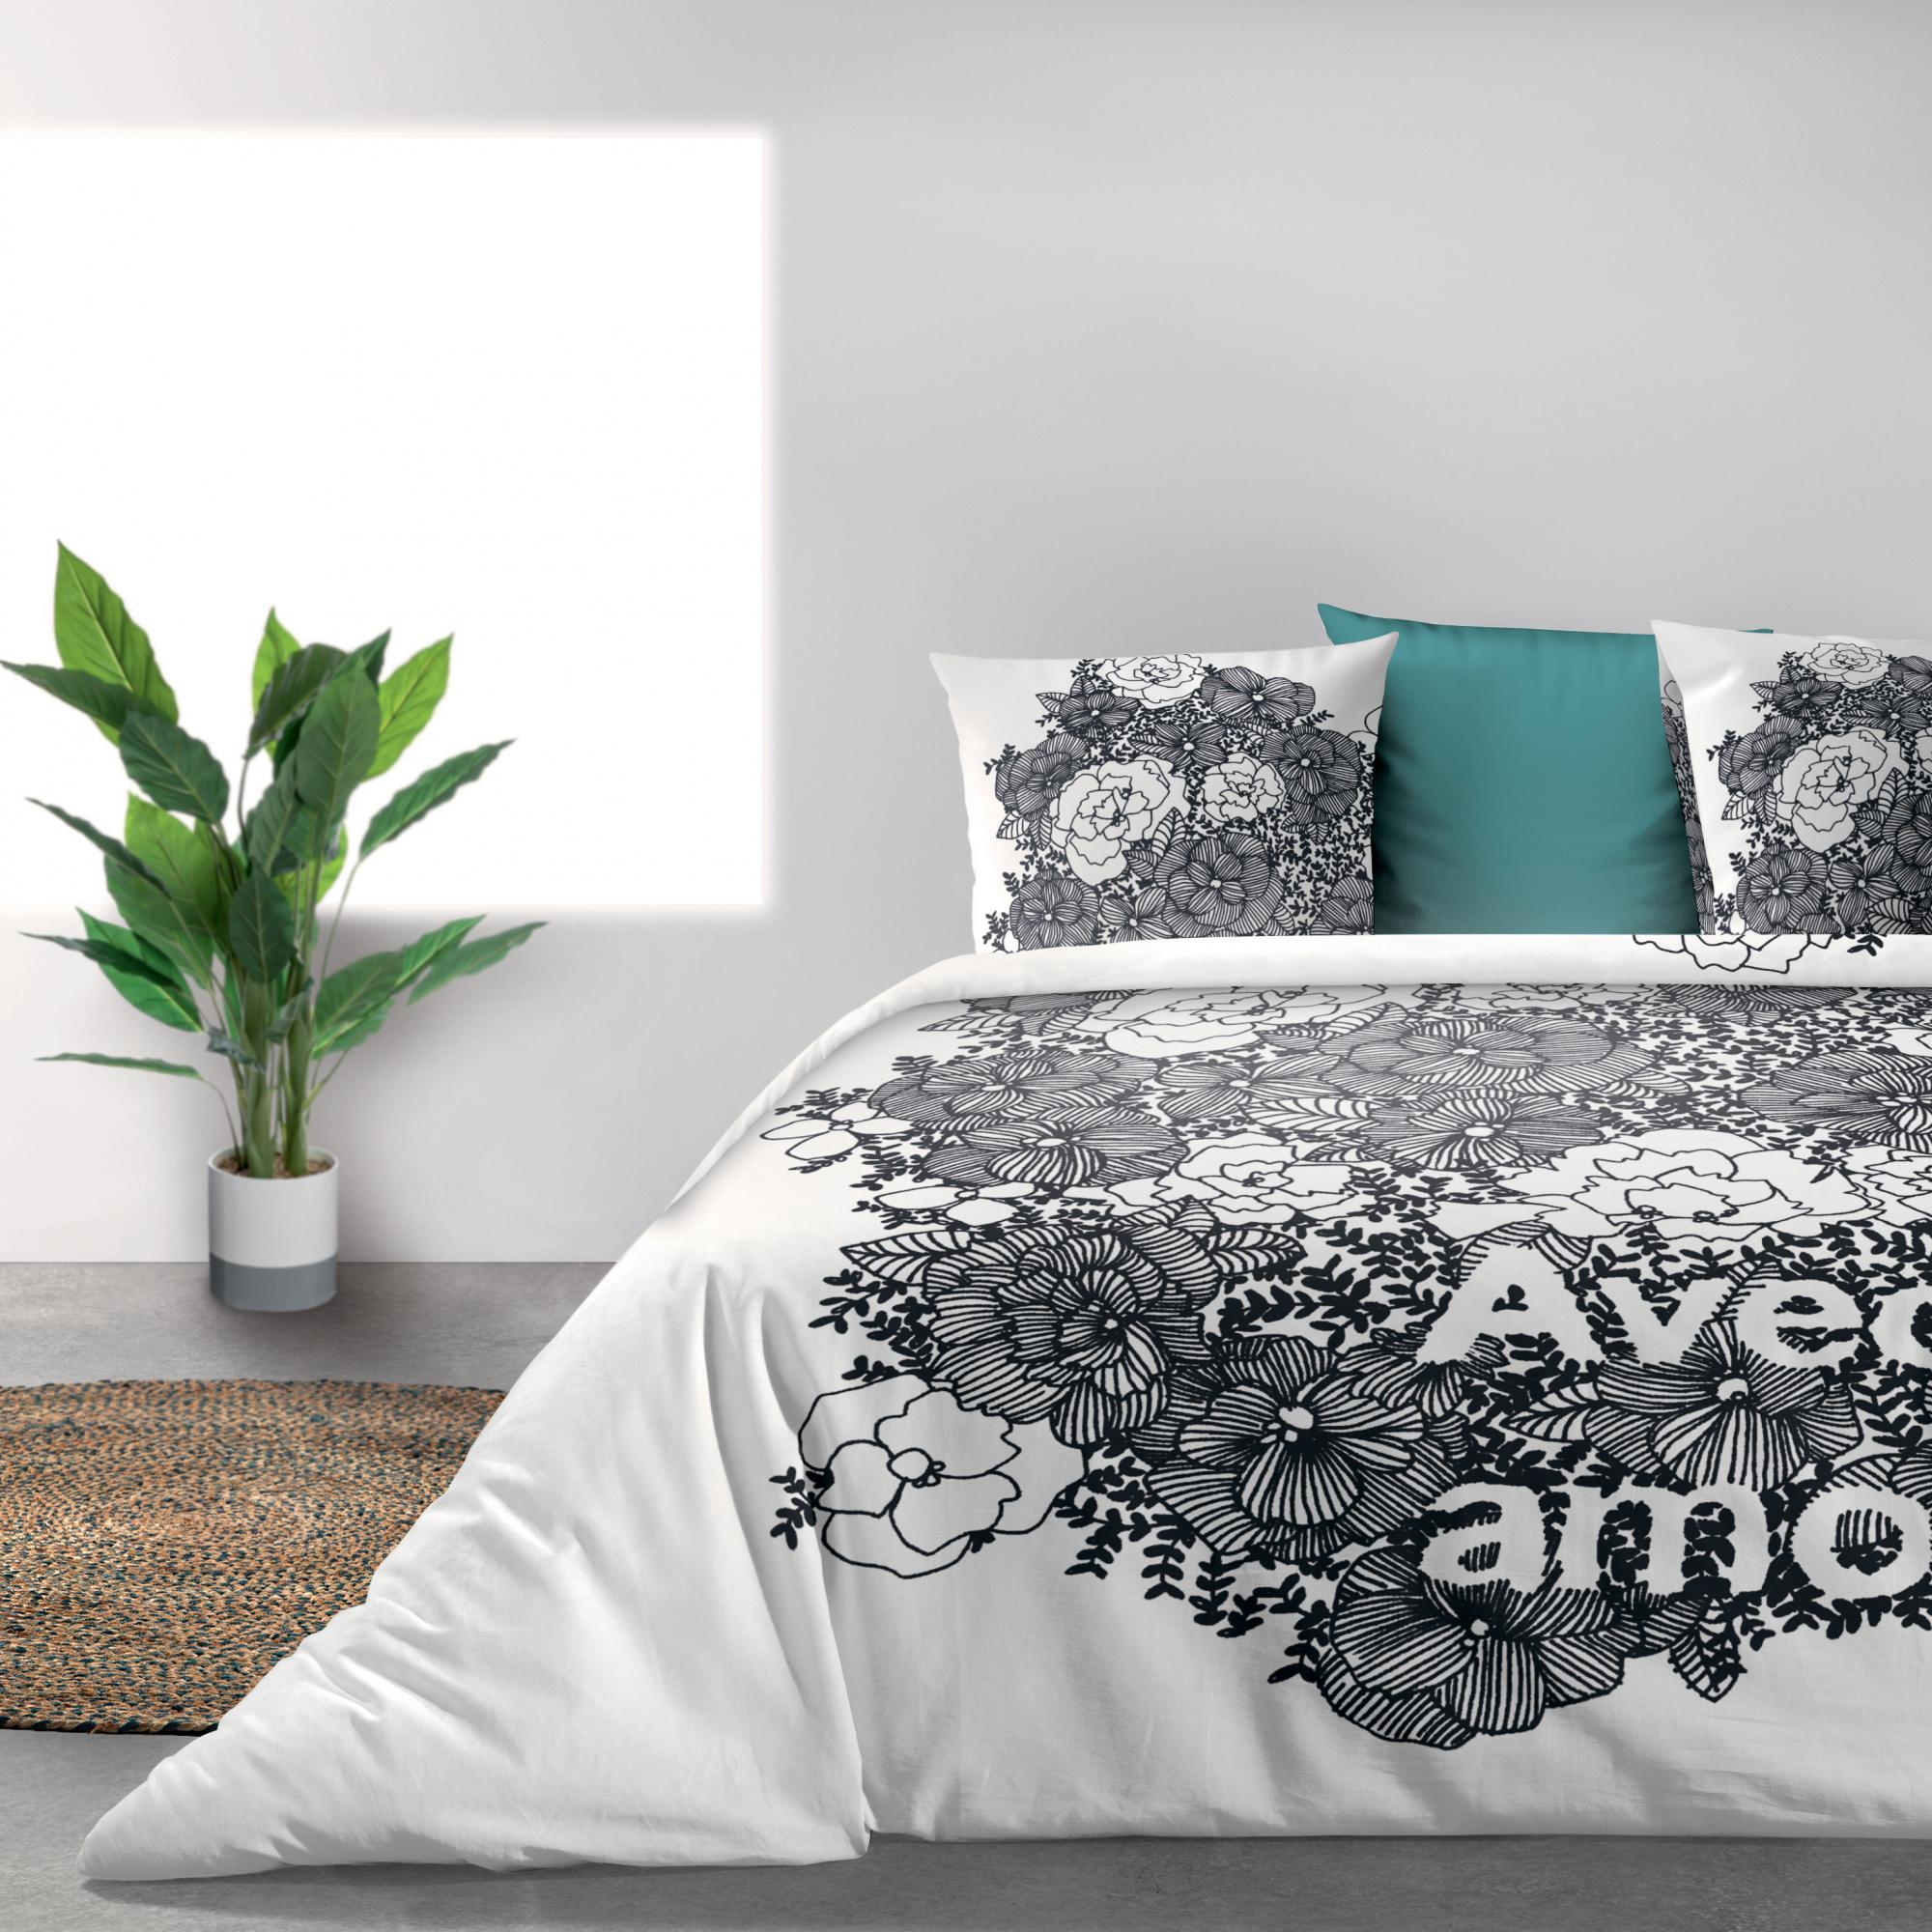 Parure de lit Bio 2 personnes Avec amour avec housse de couette et taies d'oreiller Imprimé 240 x 220